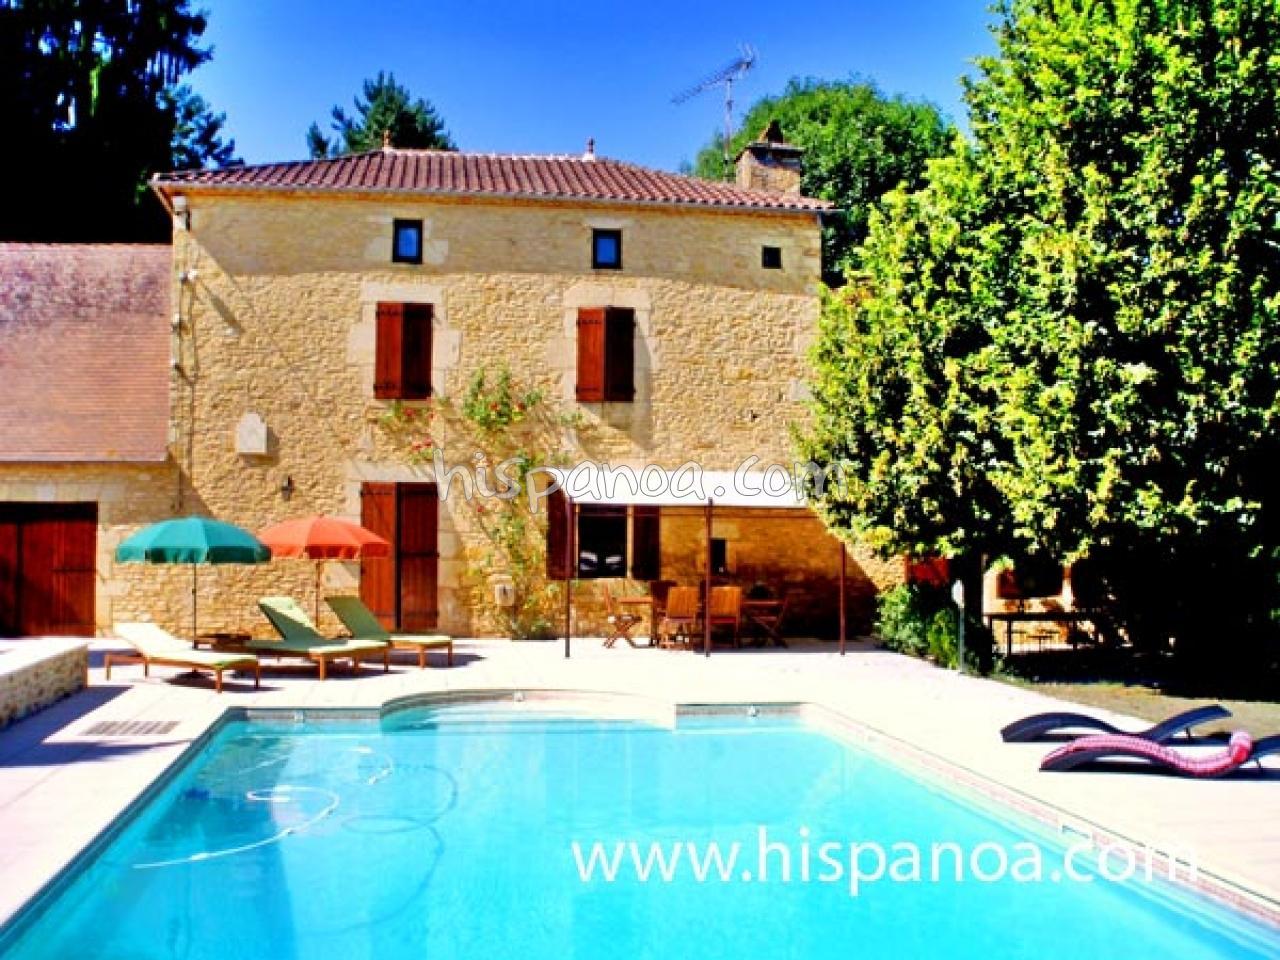 Location Maison En Dordogne, Maison Avec Piscine Dans Le ... serapportantà Location Dordogne Piscine